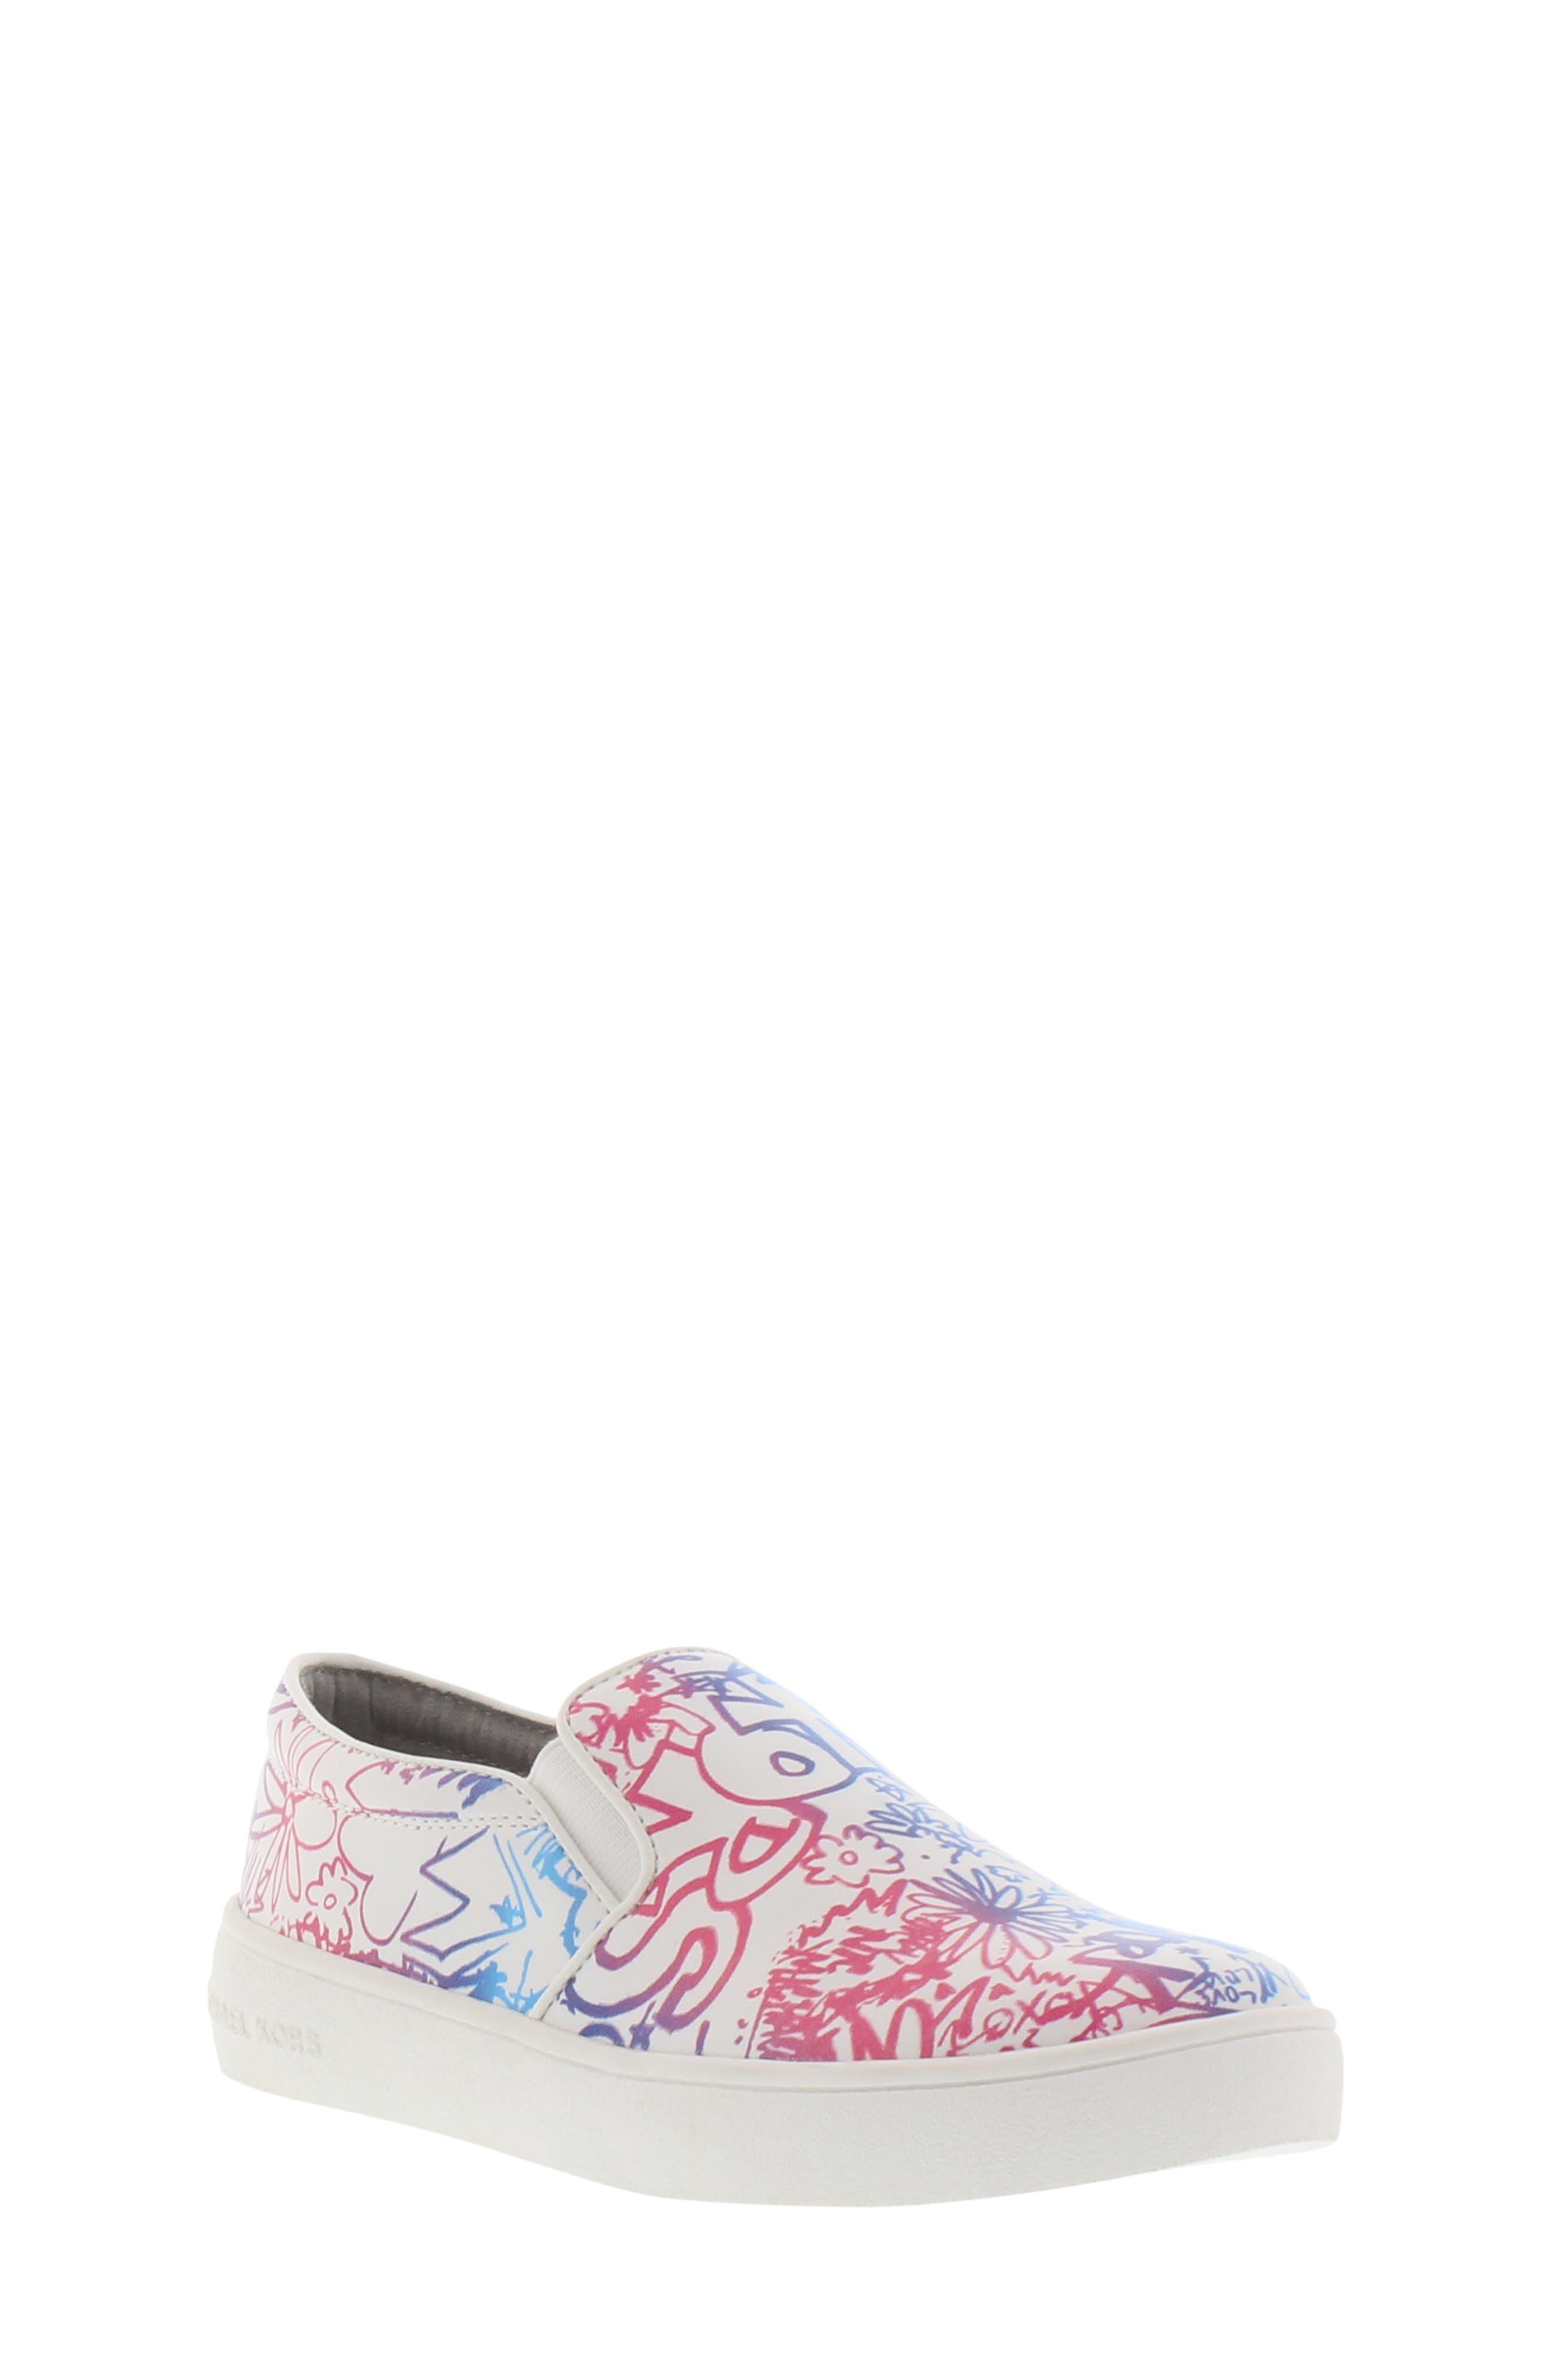 Ivy Spectrum Slip-On Sneaker,                             Main thumbnail 1, color,                             165